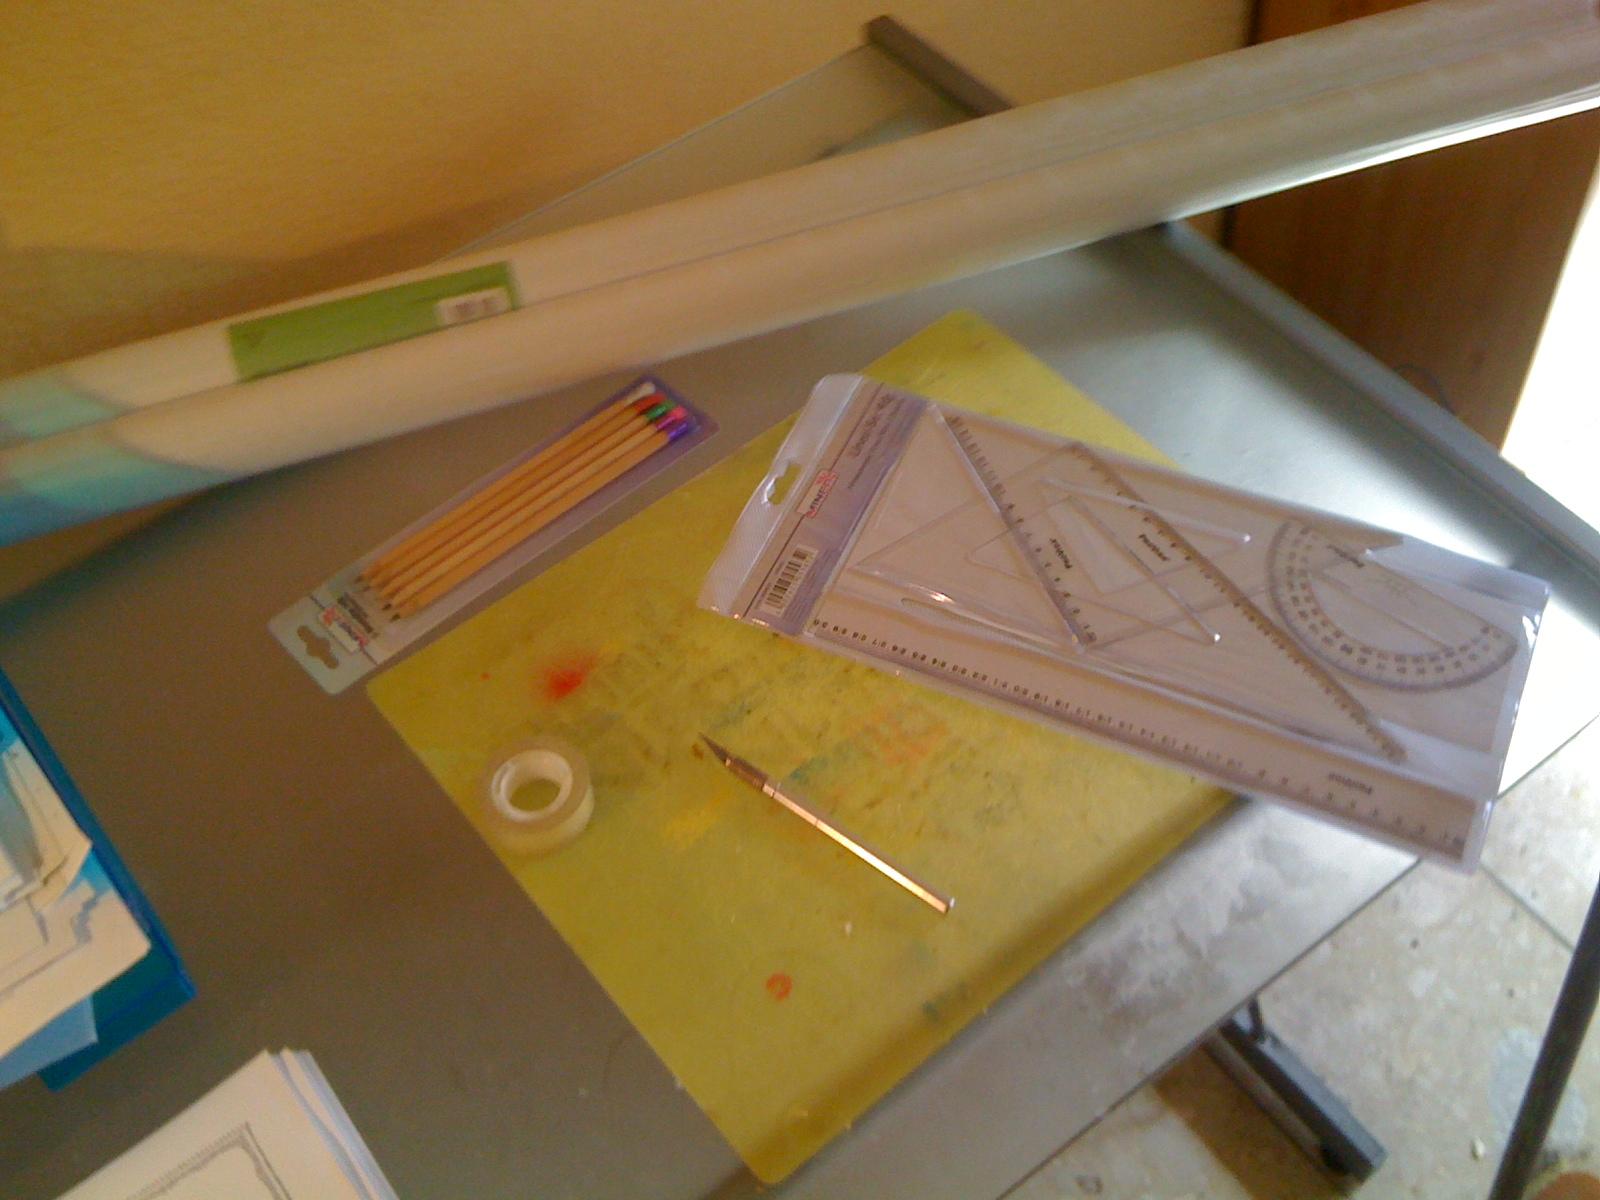 Werkzeug, Lineal, Stencil, Arbeit, Work, Material, kreativ